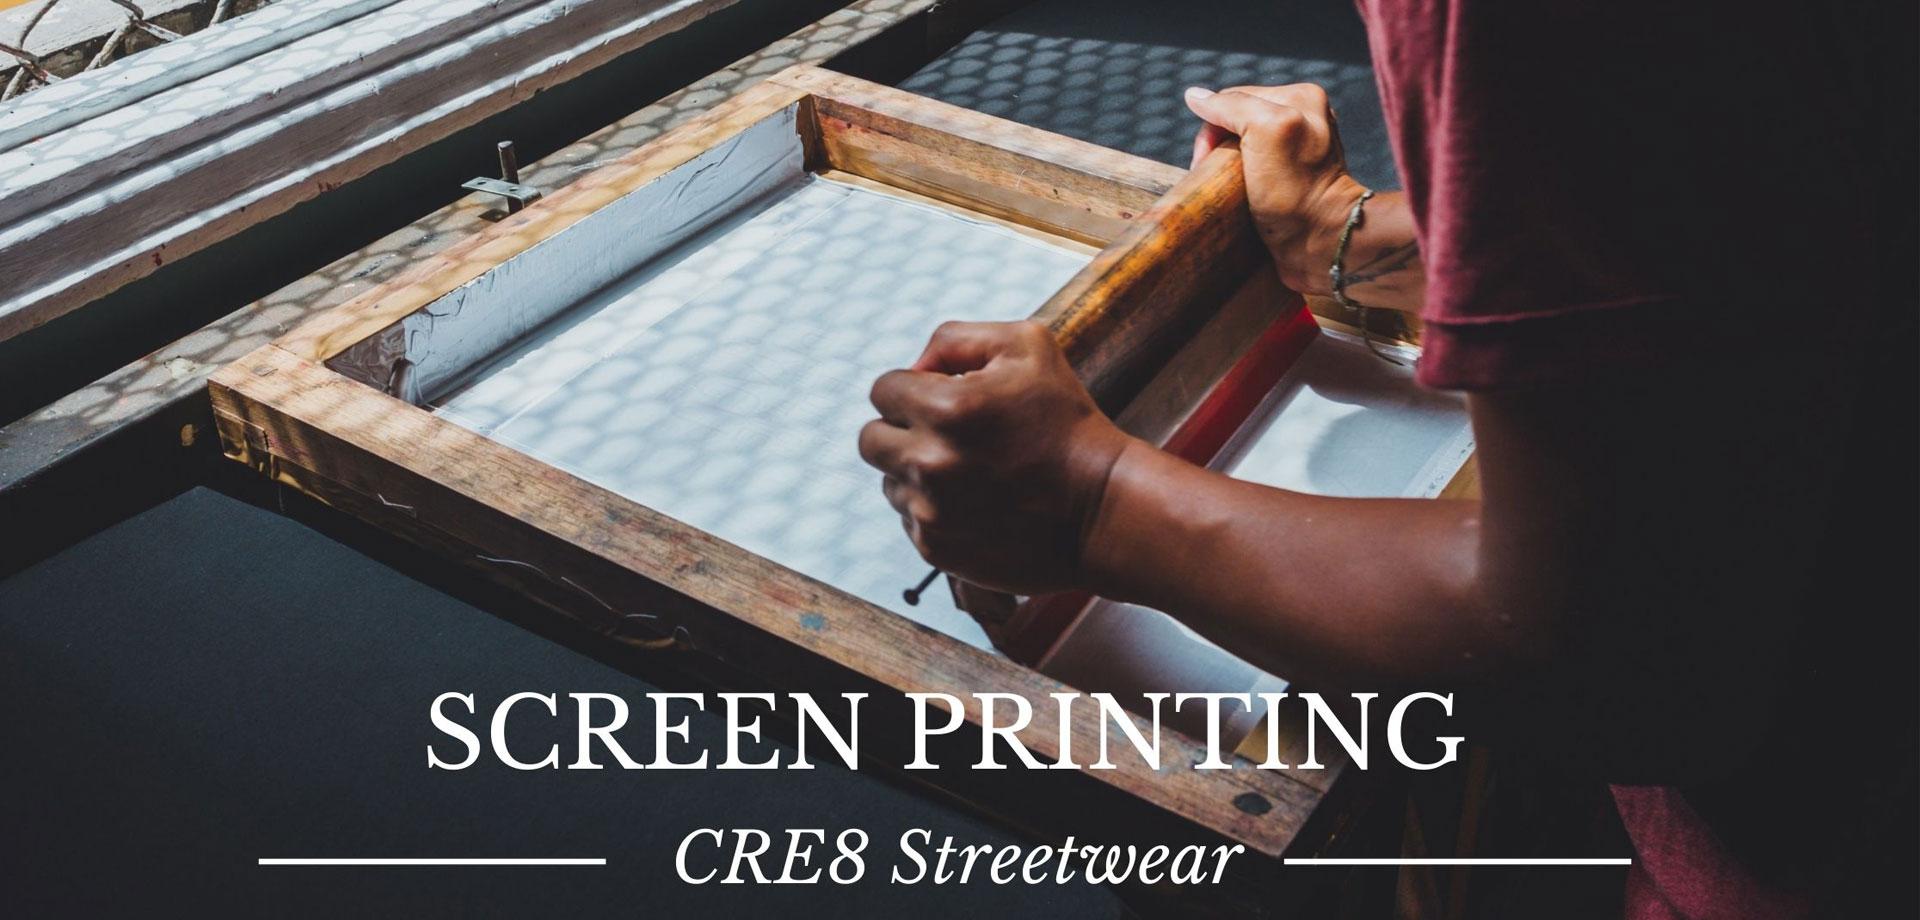 Apparel Screen Printing